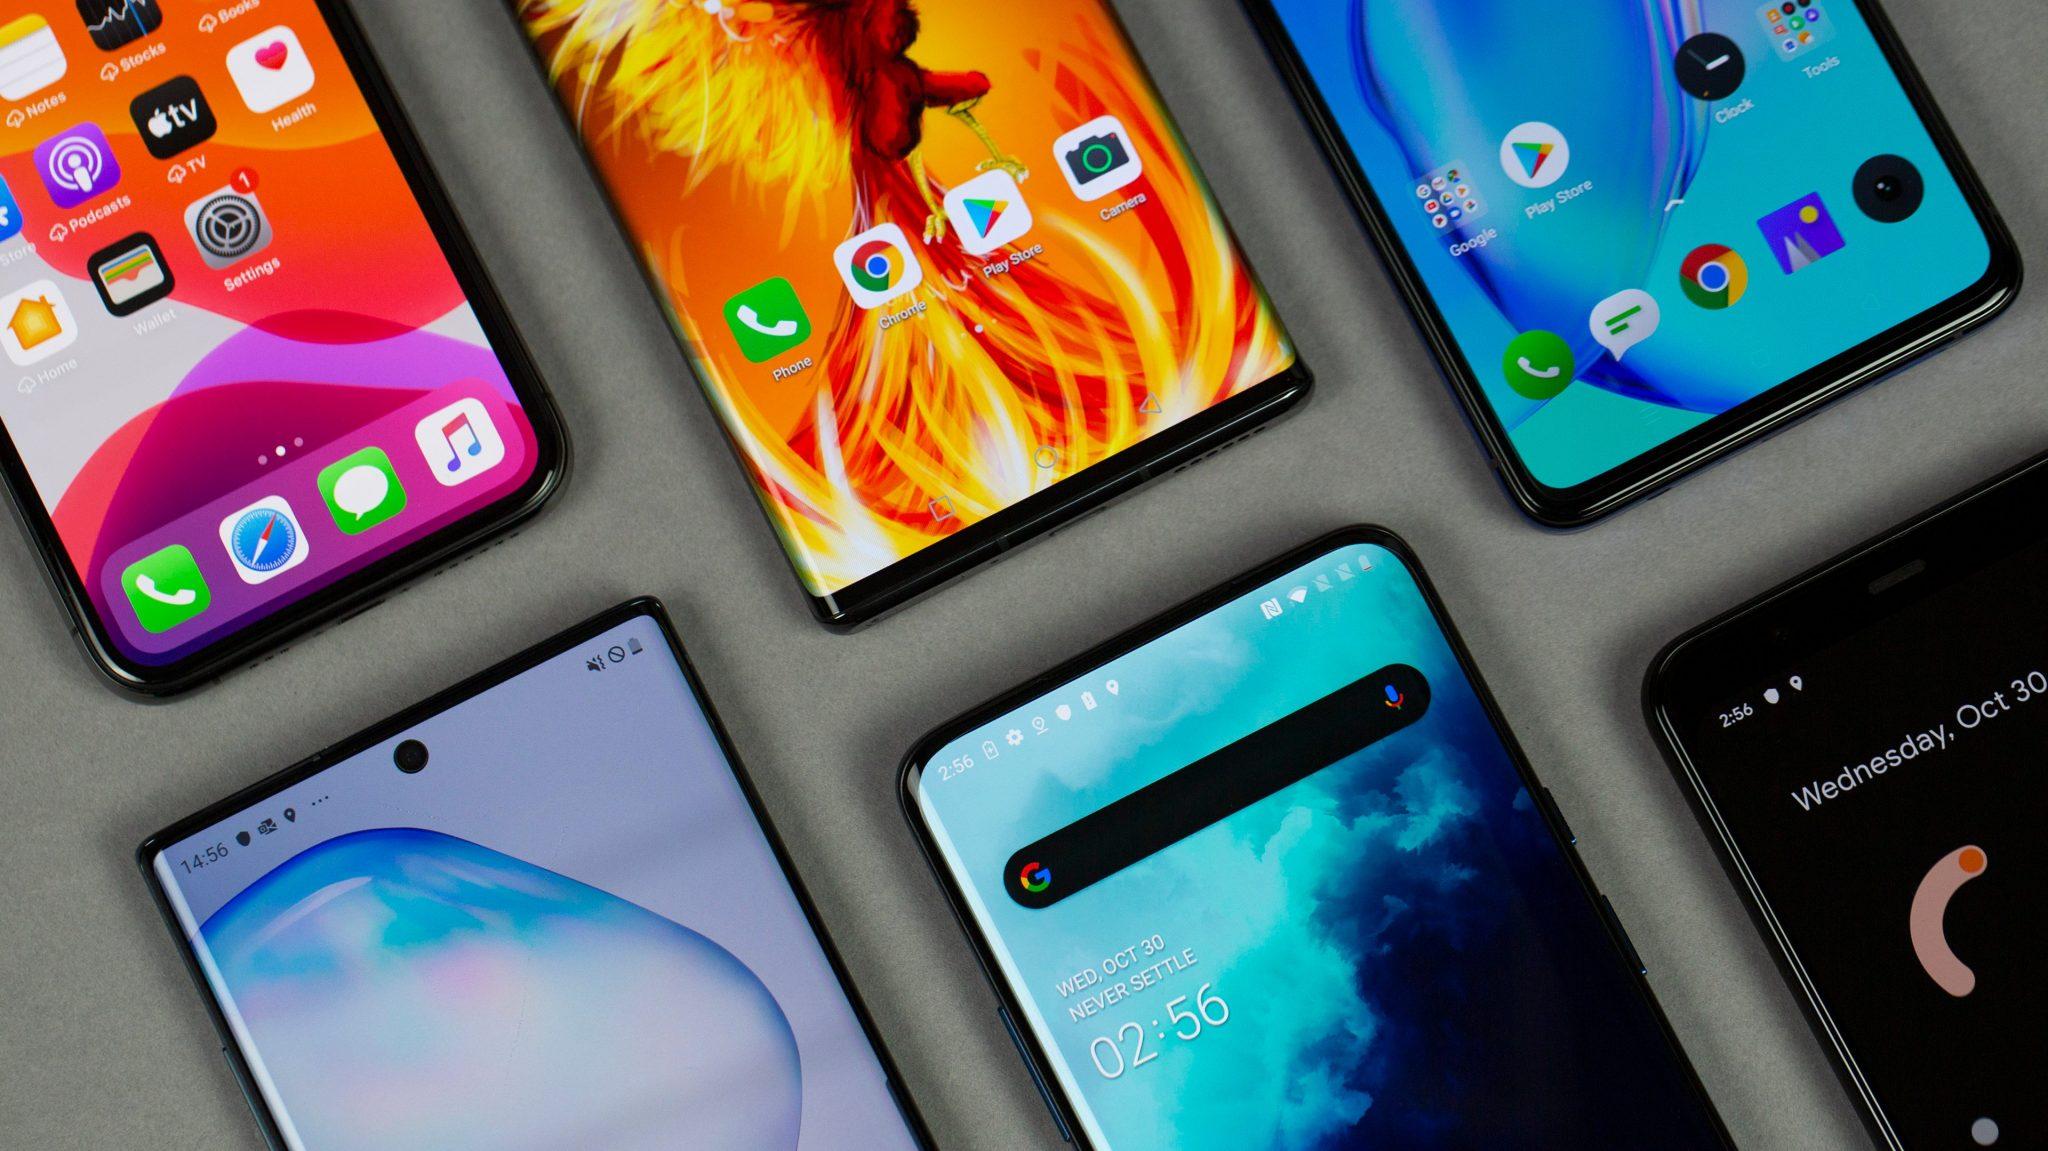 Offerte Smartphone: i modelli più cercati e quando comprarli thumbnail